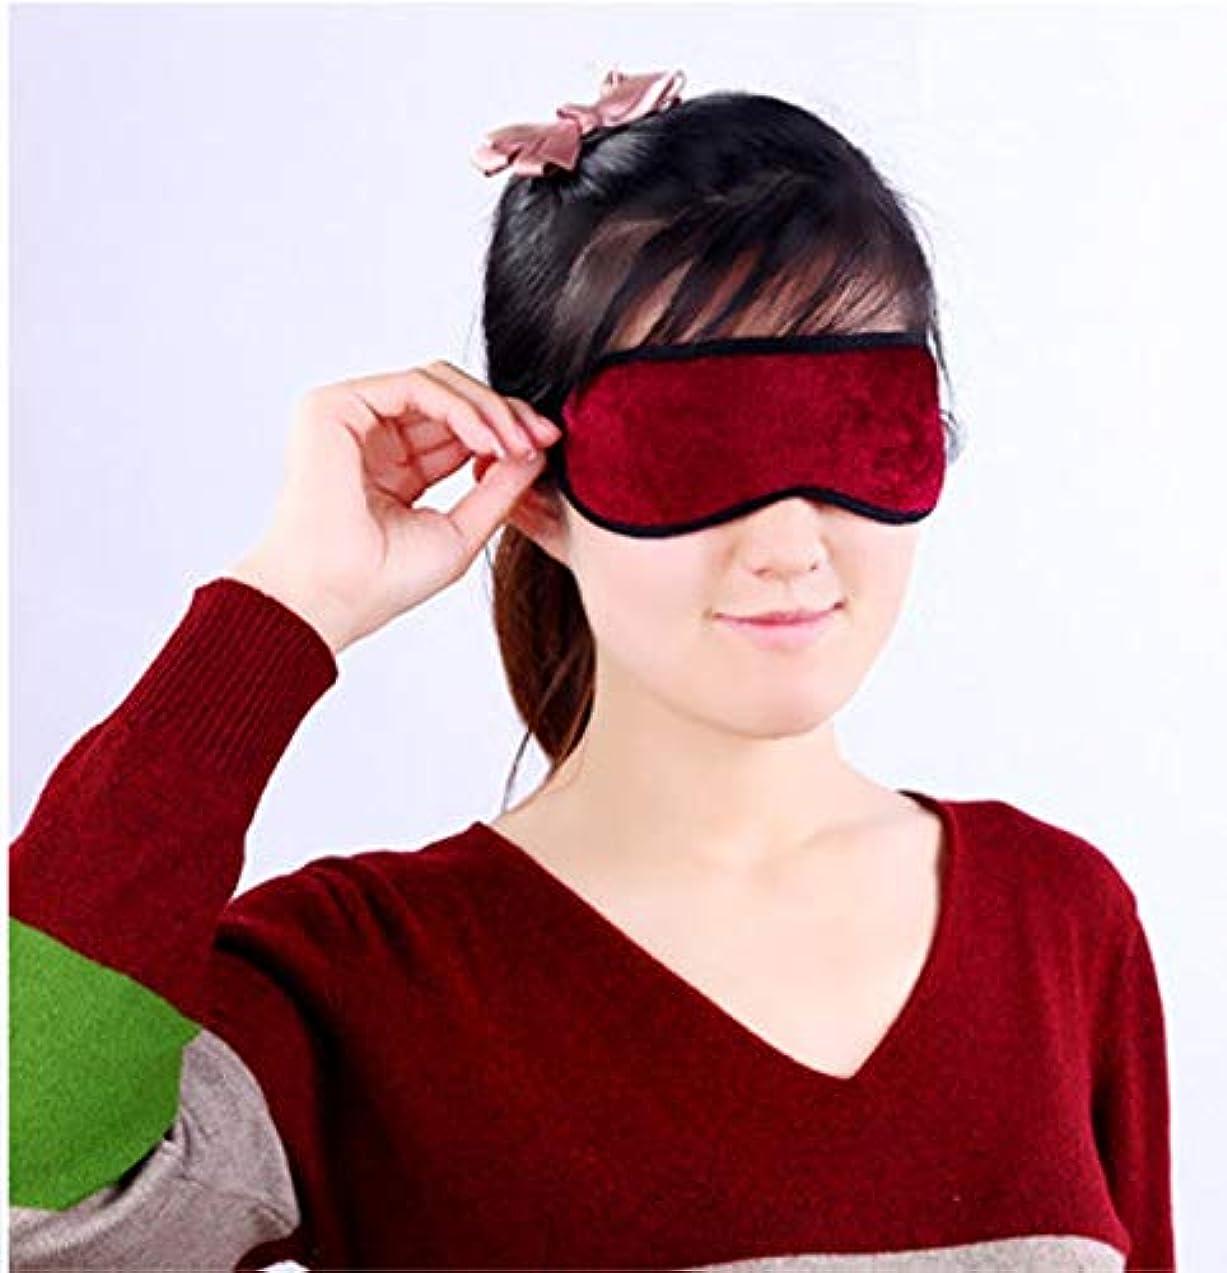 注5ピース/ロットトルマリン磁気フィットネス睡眠アイマスクシェードカバーベルベット快適な目隠しアイケア送料無料